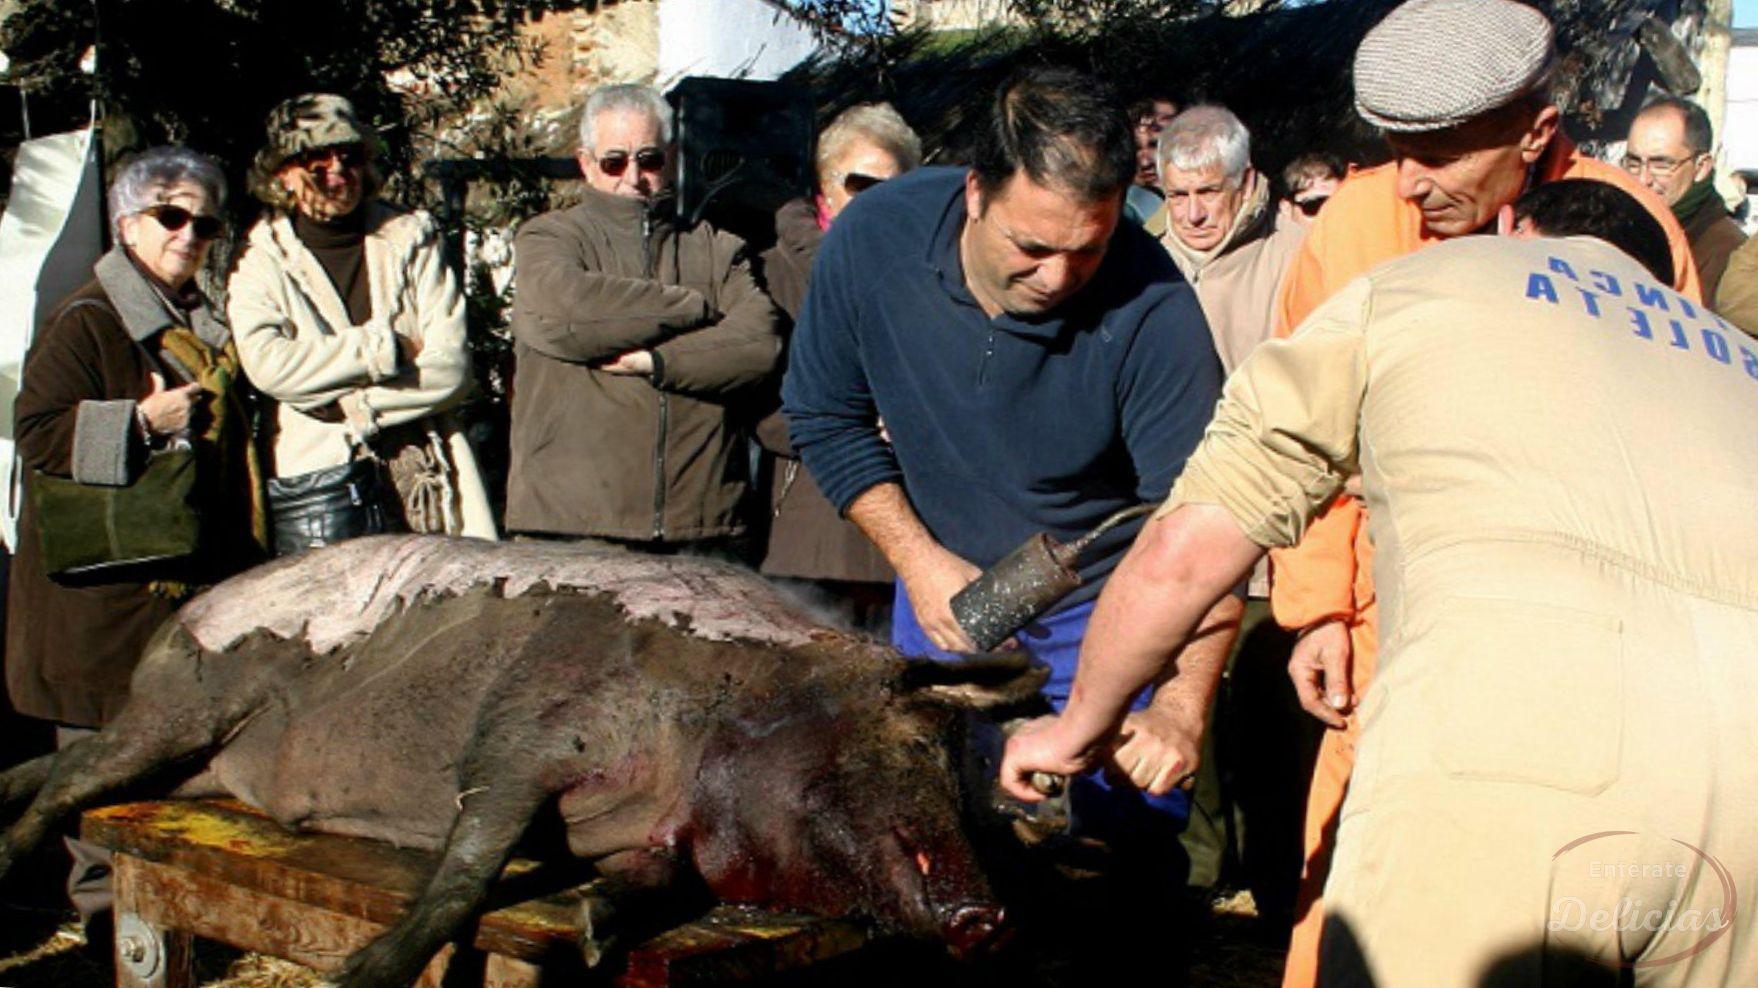 matanza del cerdo iberico, matanza del cerdo ibérico, matanza del cerdo, cuando es la matanza del cerdo, la matanza del cerdo, matanza de cerdos, cerdos de matanza, como hacer la matanza del cerdo, como hacer matanza de cerdo, como se hace la matanza del cerdo, que es la matanza en españa, fotos de matanzas de cerdos, como hacer una matanza, como matar un cerdo con cuchillo, como matar un cochino, matanza de puercos, cerdos para matanza, la matanza del cerdo en andalucia, matanza del cerdo en andalucia, videos de matanza de cerdos, como matan a los cerditos, como matan a los cerdos, como matan a los cochinos, cerdo muerto, como aturdir un cerdo, como despiezar un cerdo paso a paso, como hacer embutidos de matanza, como matan a los cerdos en el matadero, como matar un cerdo facil y rapido, cuanto cuesta un cerdo para matanza, gancho para cerdos, matando al chancho, matando cerdos, matanza comida española, matanza de cerdos en el rastro, matanza del cerdo en galicia, a chancho, accesorios para la matanza, banco para matar cerdos, cerdo acostado, cerdo adulto, cerdo con cabeza de pene, cerdo con cuchillo, cerdo de menos de un año, cerdo electrocutado, cerdo muerte, cerdo persona, cerdo wikipedia, cerdos andalucia, cerdos mil anuncios, cerdos milanuncios, como descuartizar un cochino, como se matan a los cerdos en el matadero, compra de cerdos en pie ecuador, comprar cerdos vivos, cuanto cuesta un cerdo de 100 kilos, cuantos cerdos matan al dia en españa, cuantos cerdos se matan en españa, decapitan cerdo, deguello de cerdos, el cerdo blog, embutidos del cerdo, factura de cerdo, familiares del cerdo, foto cerdo, la matanza del cerdo en asturias, le cortan la cabeza a un cerdo, matanza a maquila, matanza do porco, pene de cerdo, pene de cochino, porc wikipedia, precio de caldera de matanza, recetas de matanza tradicional, sacrificio porcino, se puede comer la carne de una cerda en celo, venta de cerdos para matanza,